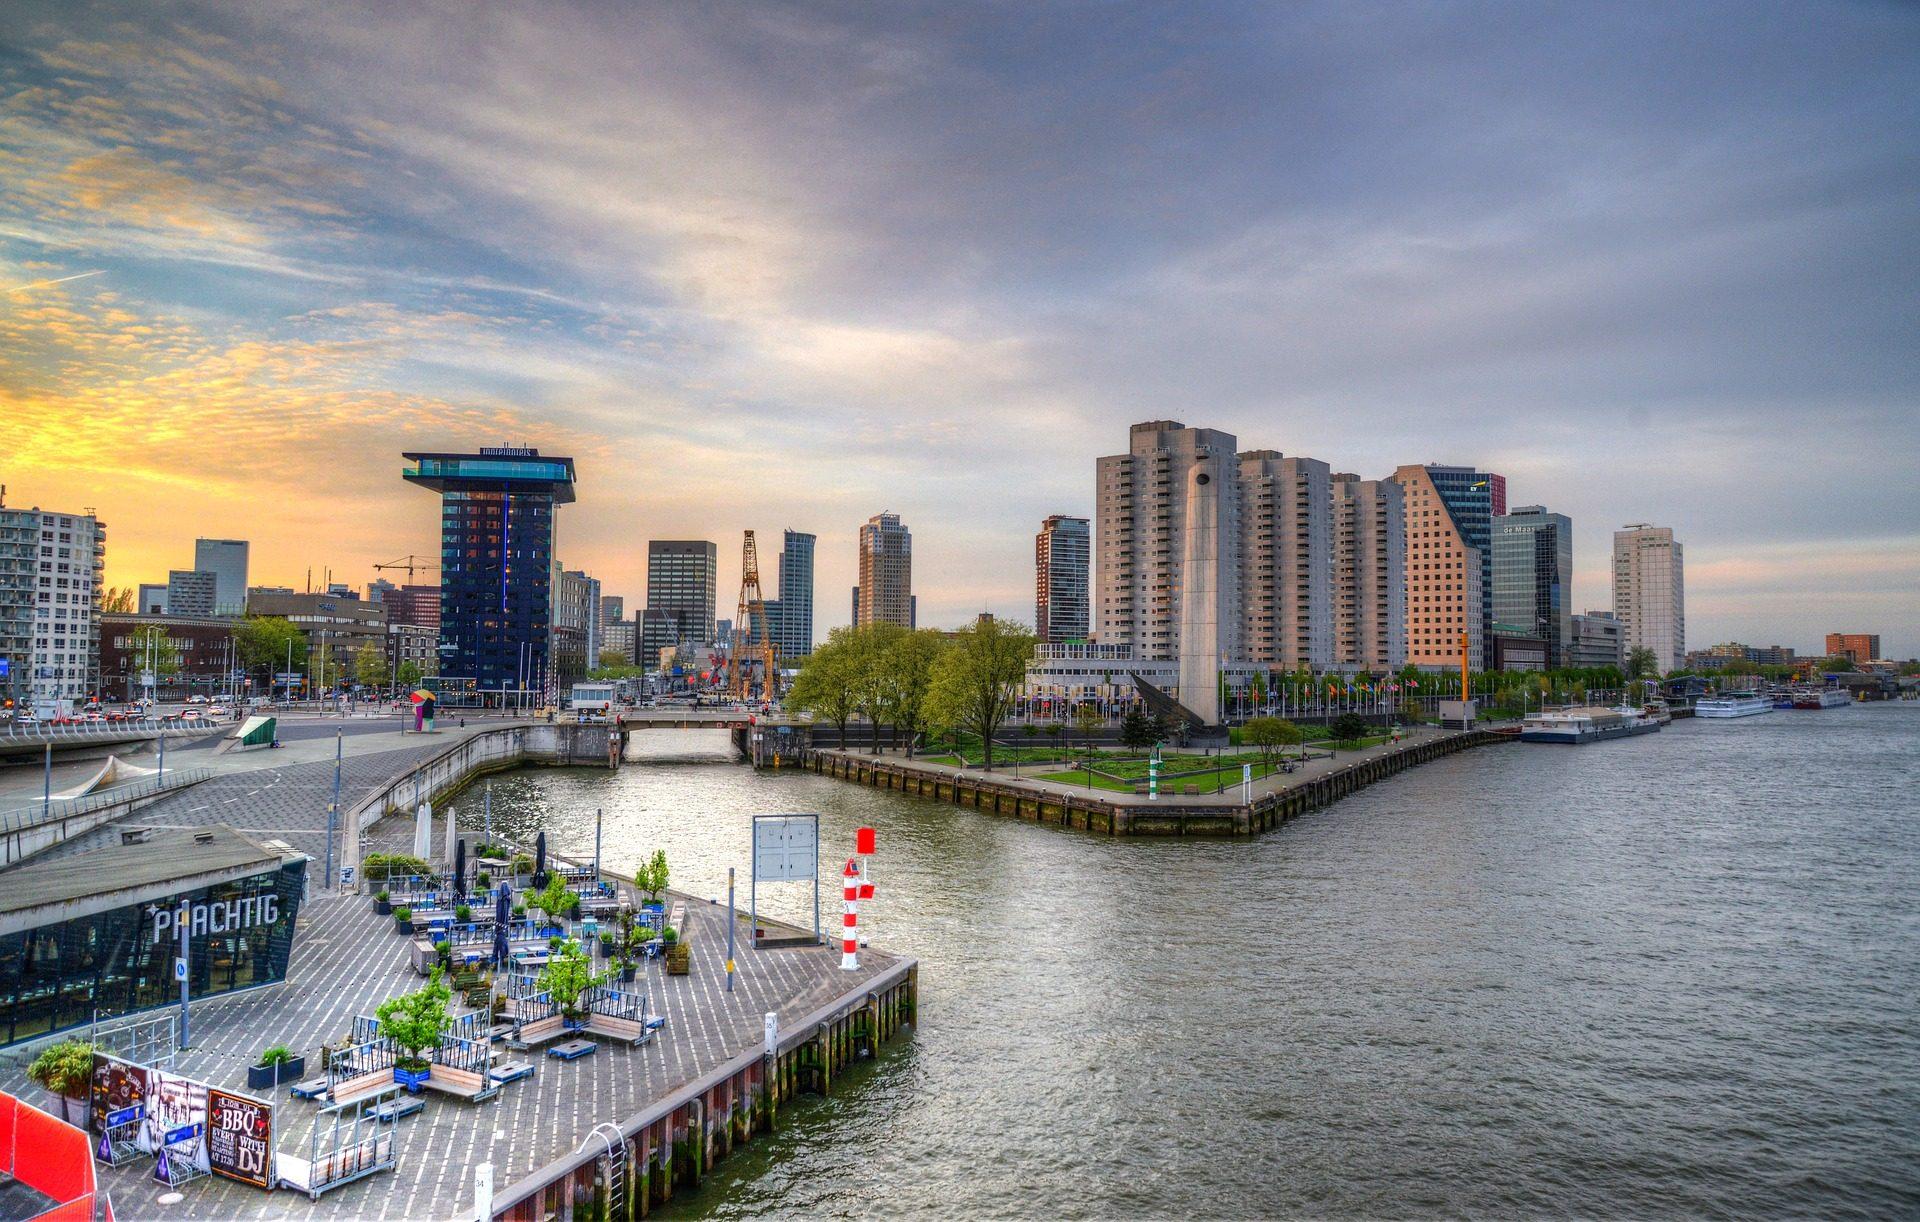 Kreuzfahrt Vollpension Buchen - 5 Tage durch Holland ab 629,00€ - Flusskreuzfahrt